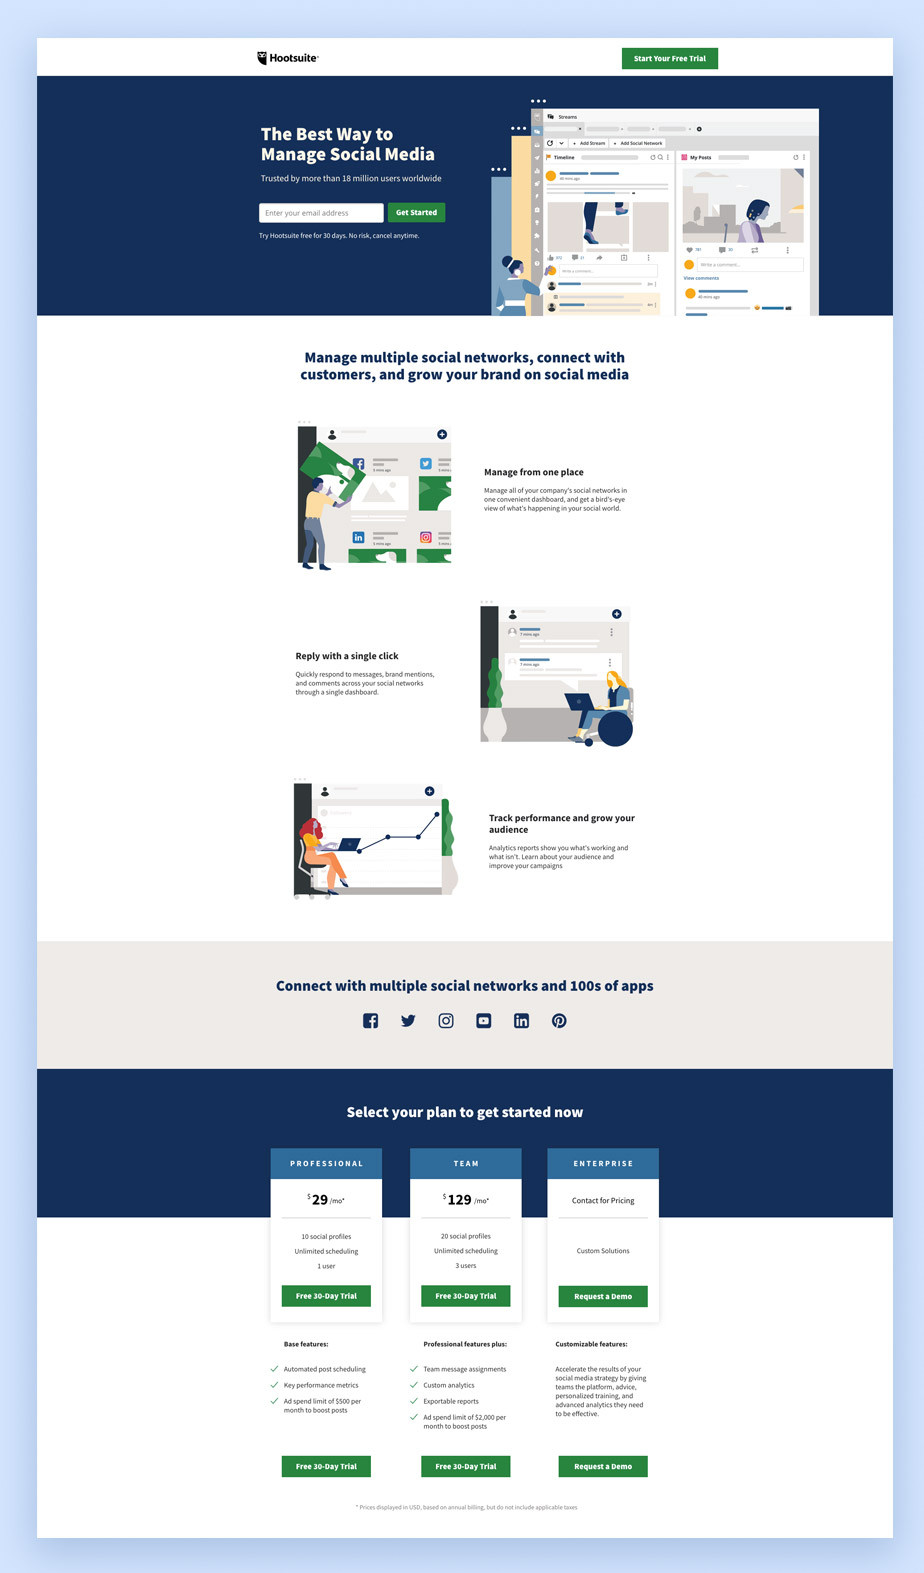 Landing page di Hootsuite